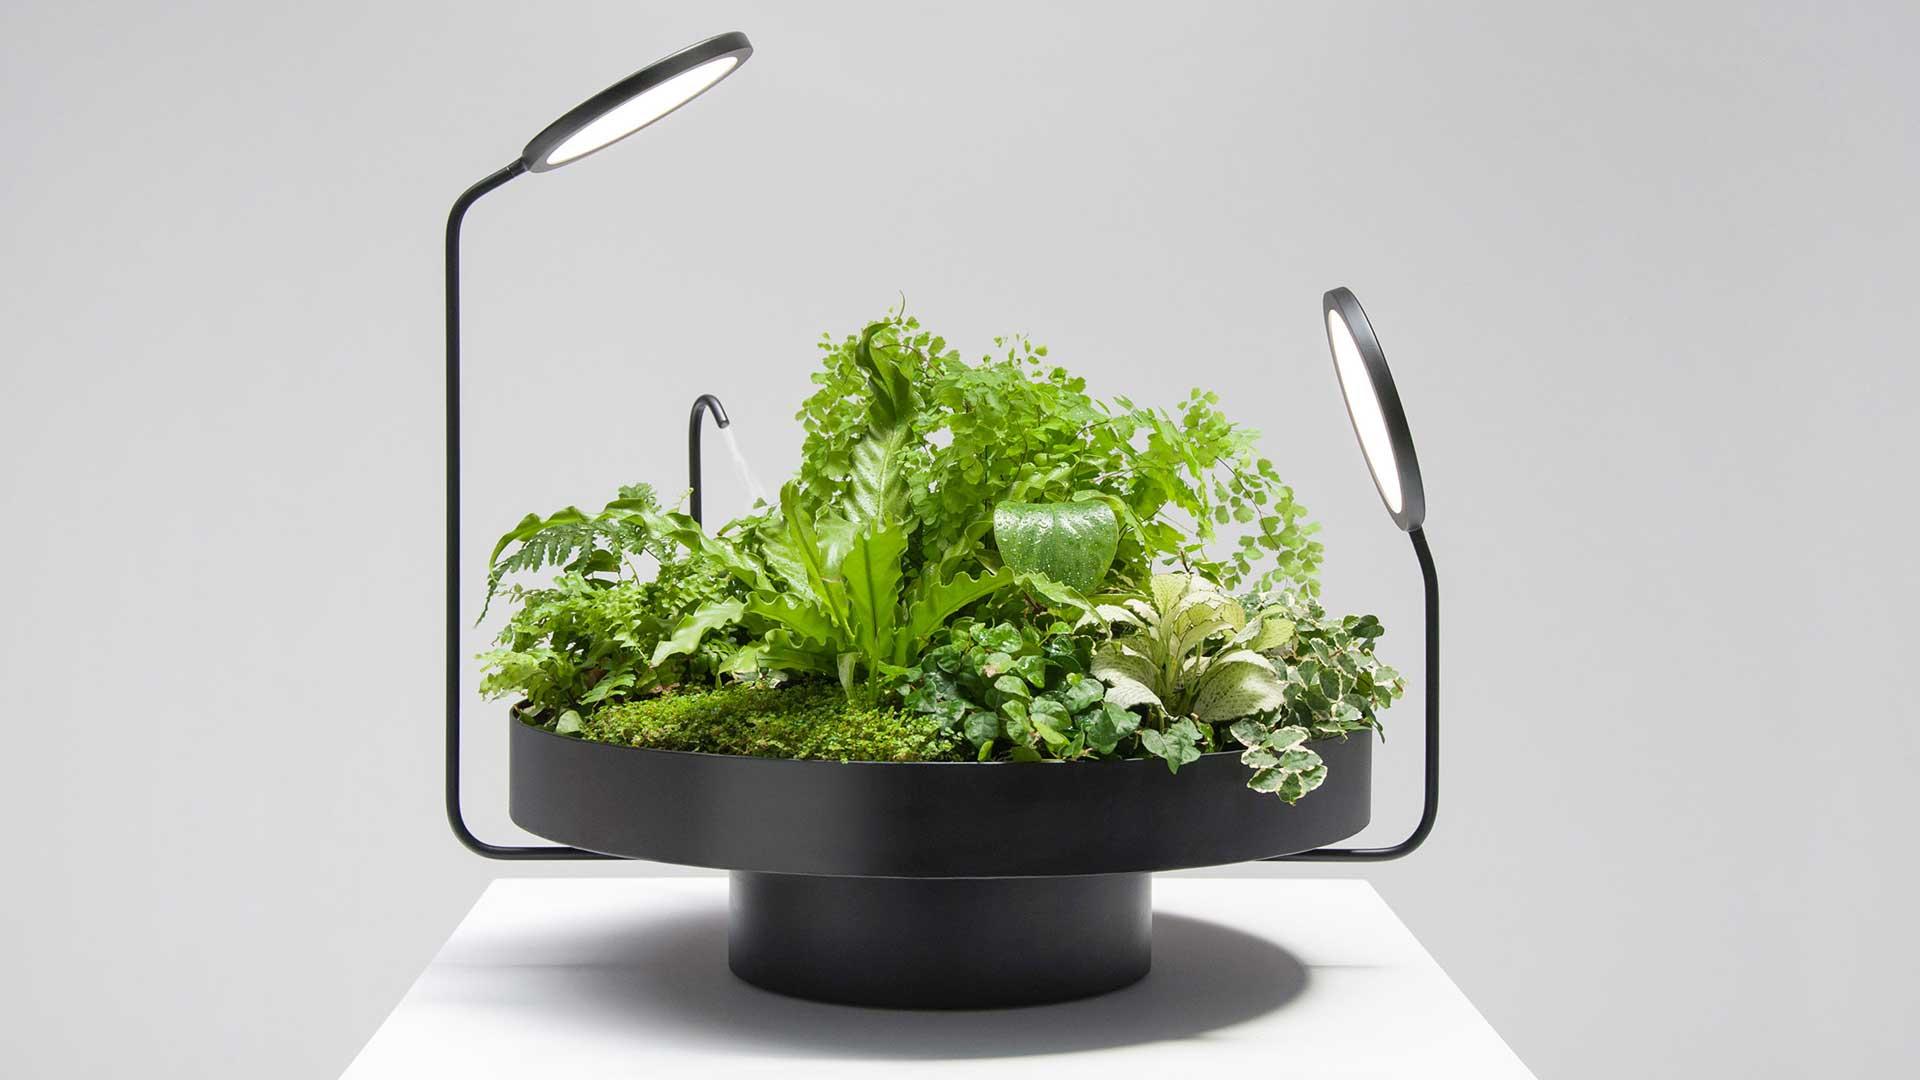 این مجموعه که با نام Viride (به معنای رنگ سبز در زبان لاتین) تولید شده از تلفیق نور و سبزینگی که همیشه در اطراف محیط زندگی ما بودهاند.